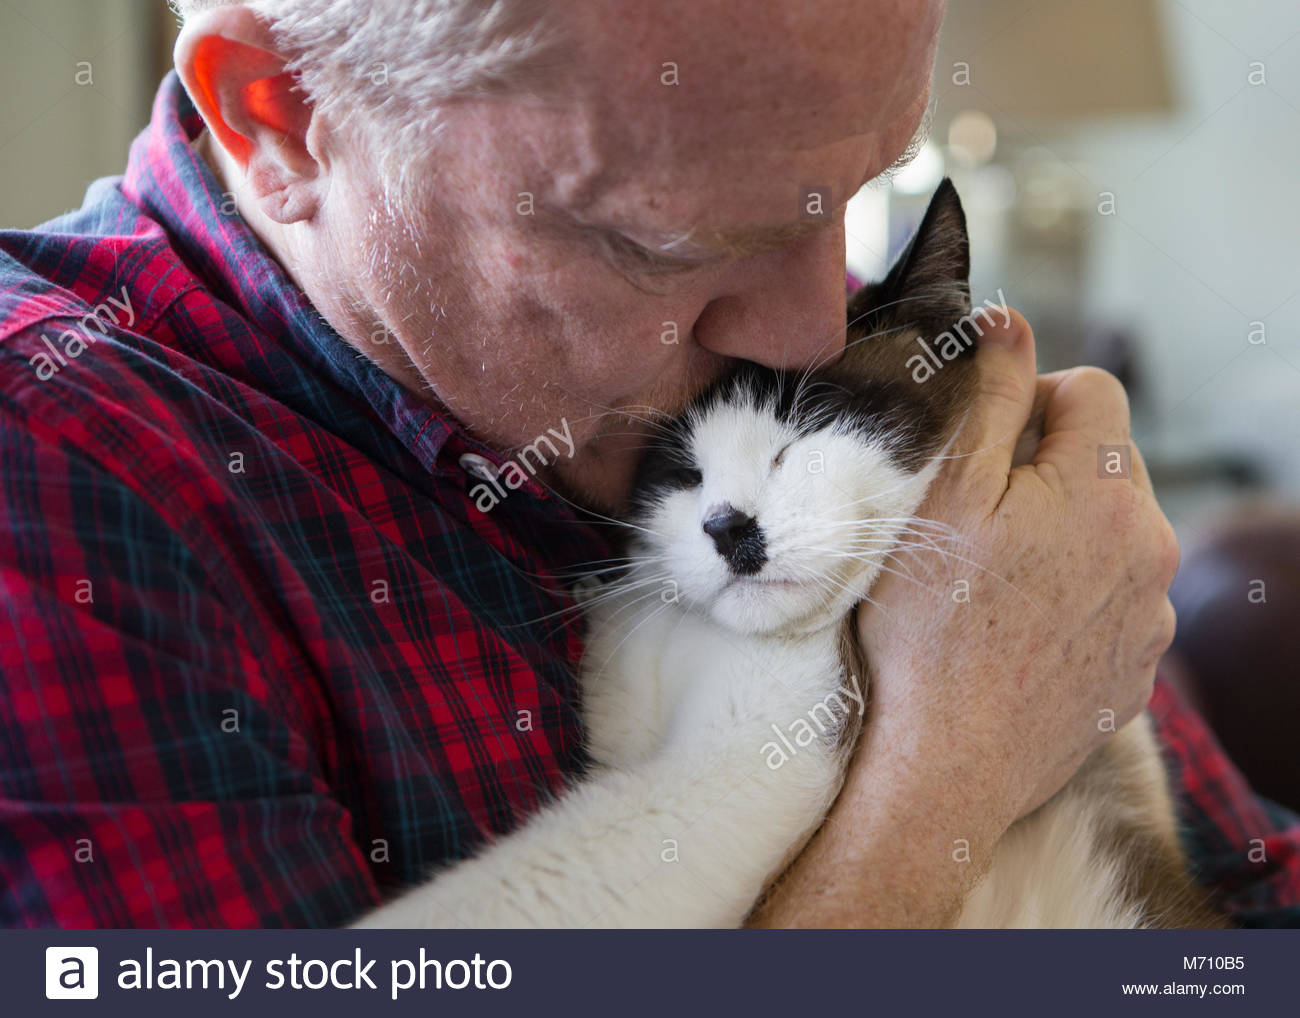 Mann mittleren Alters in Plaid Shirt küssen eine graue und weiße Katze auf dem Kopf Stockbild